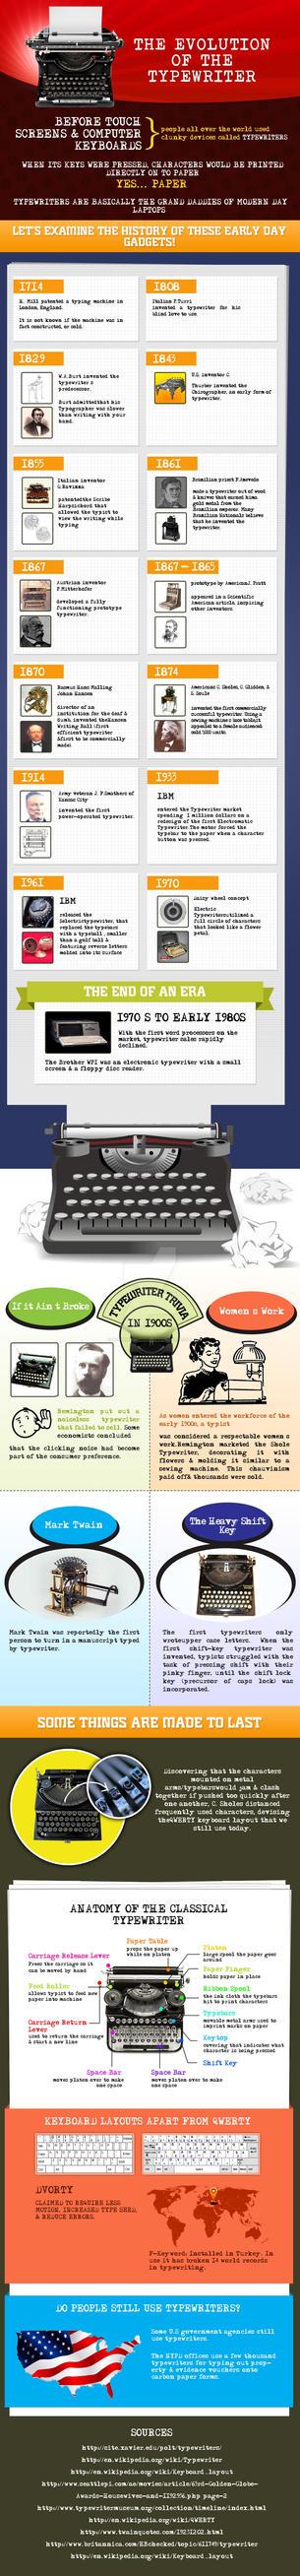 Typewriter 2 by mughikrish1986